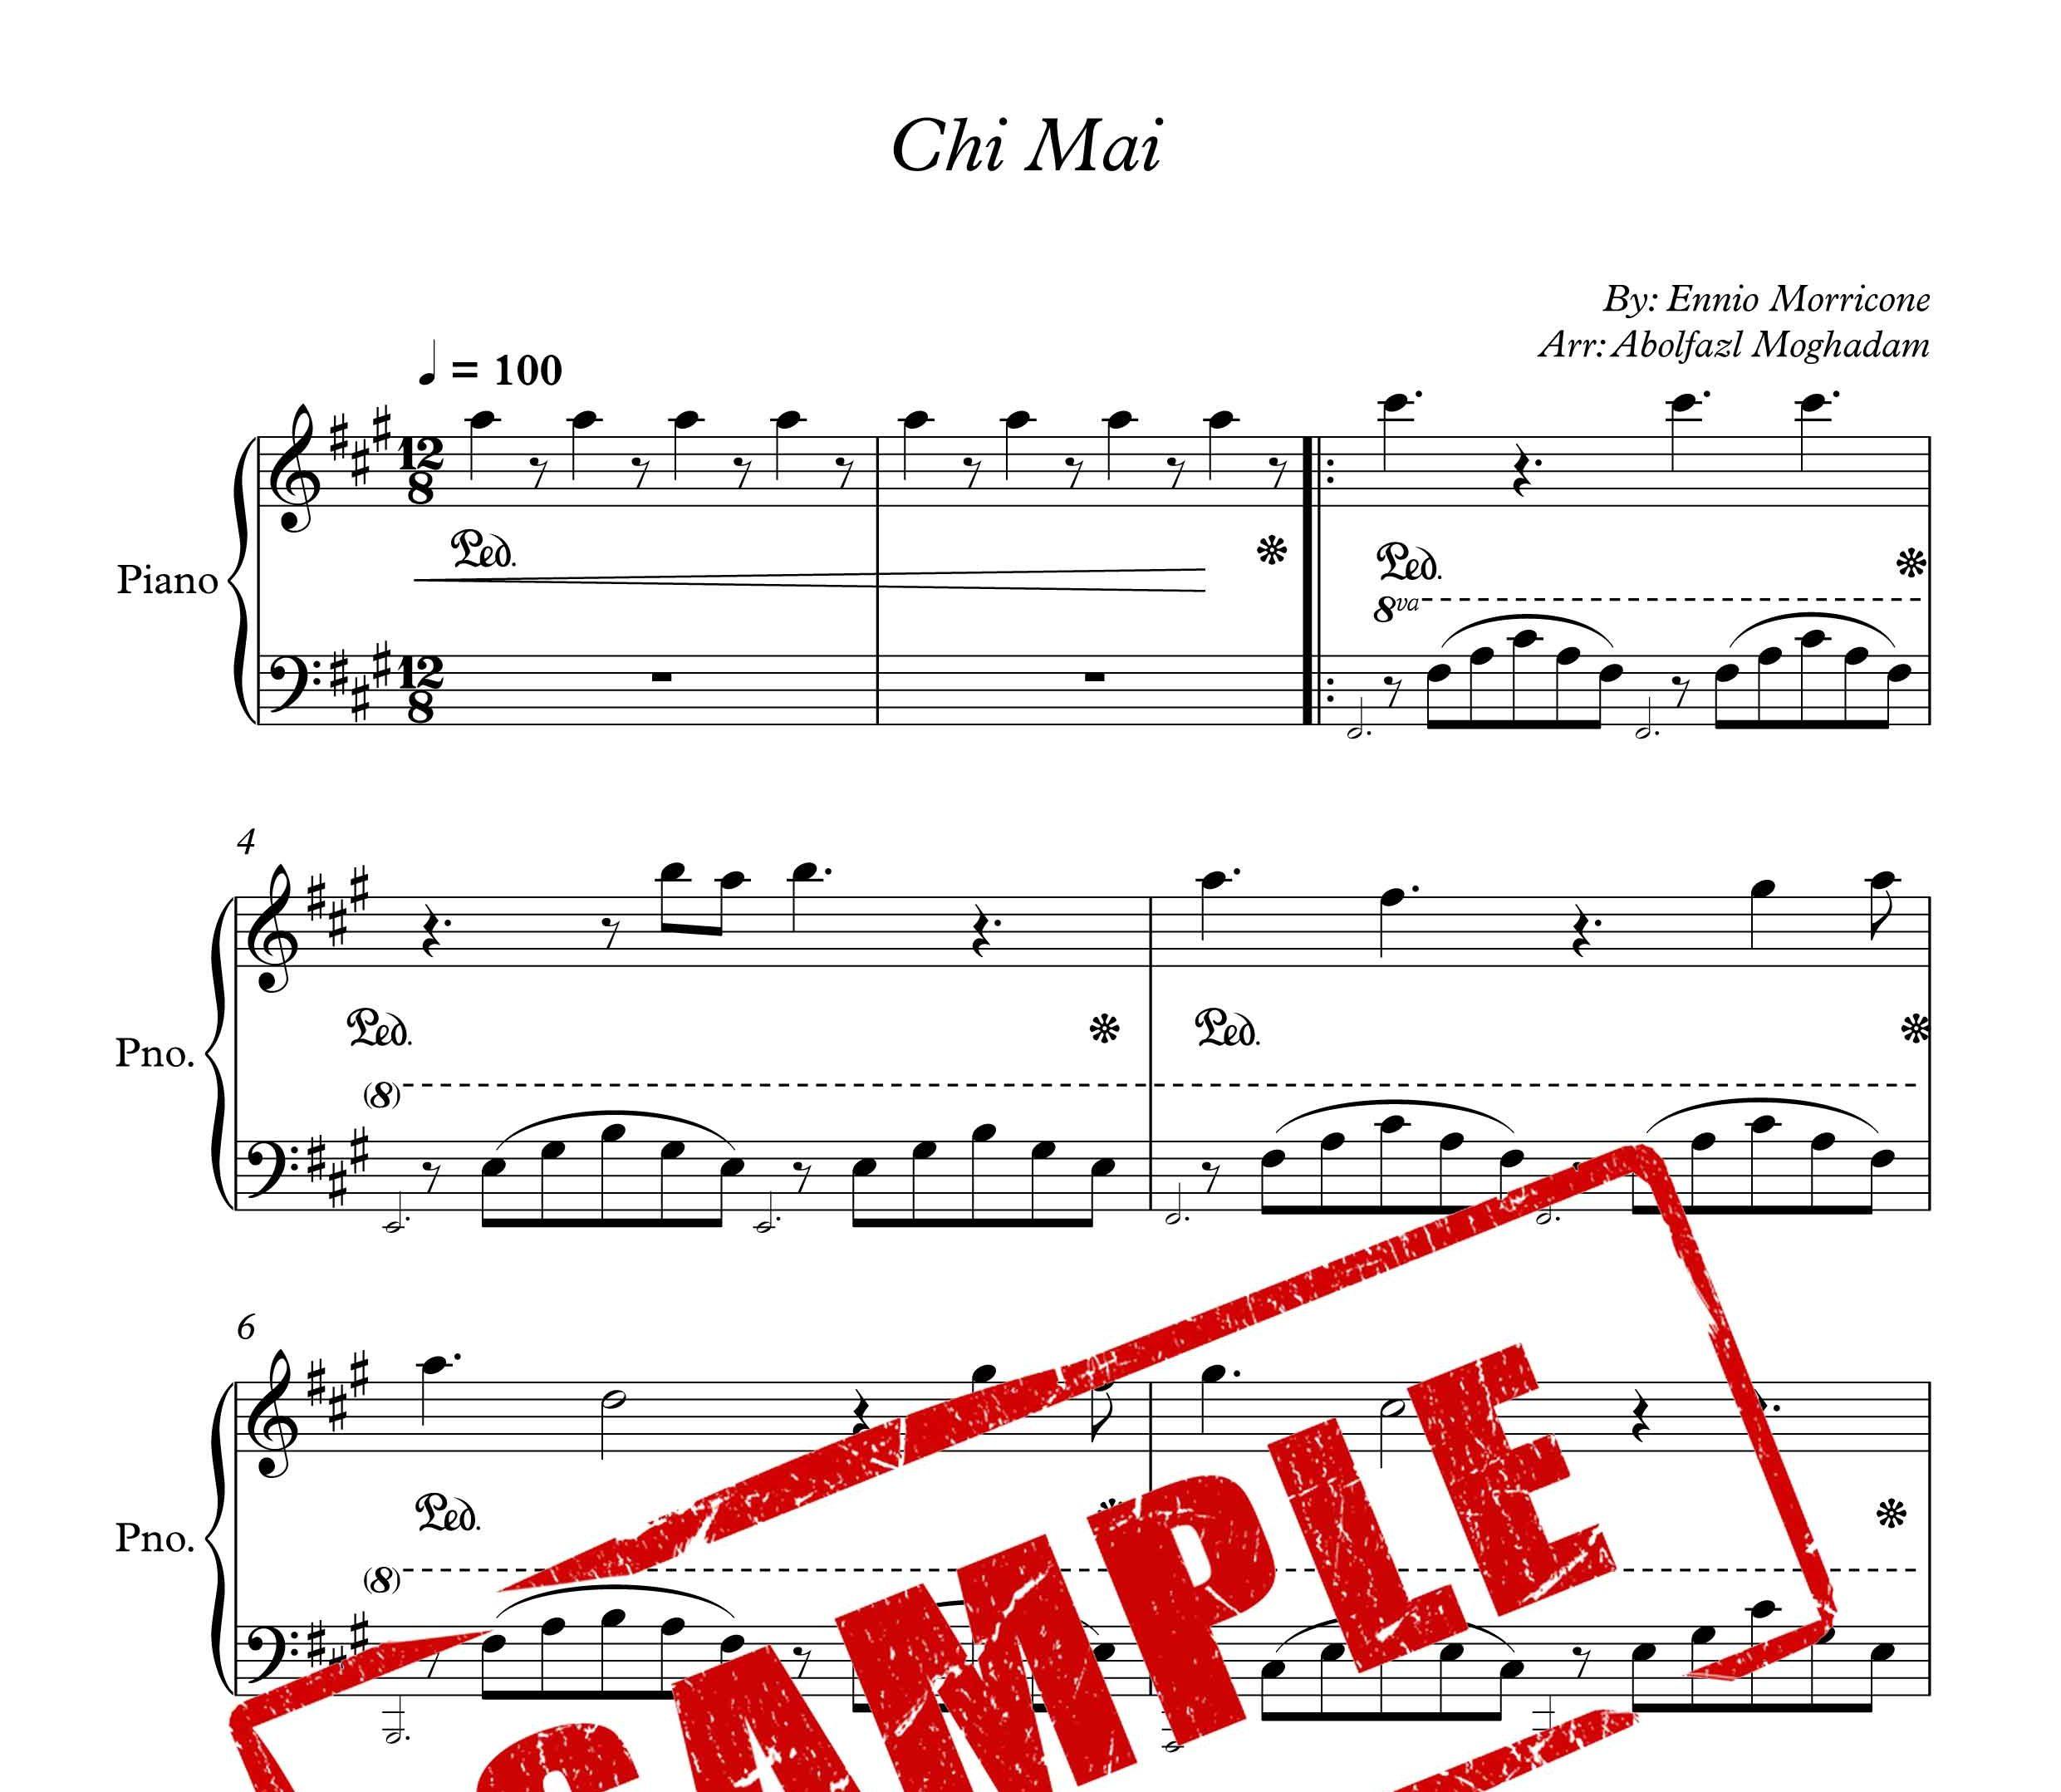 نت آهنگ Chi mai برای پیانو از موریکونه